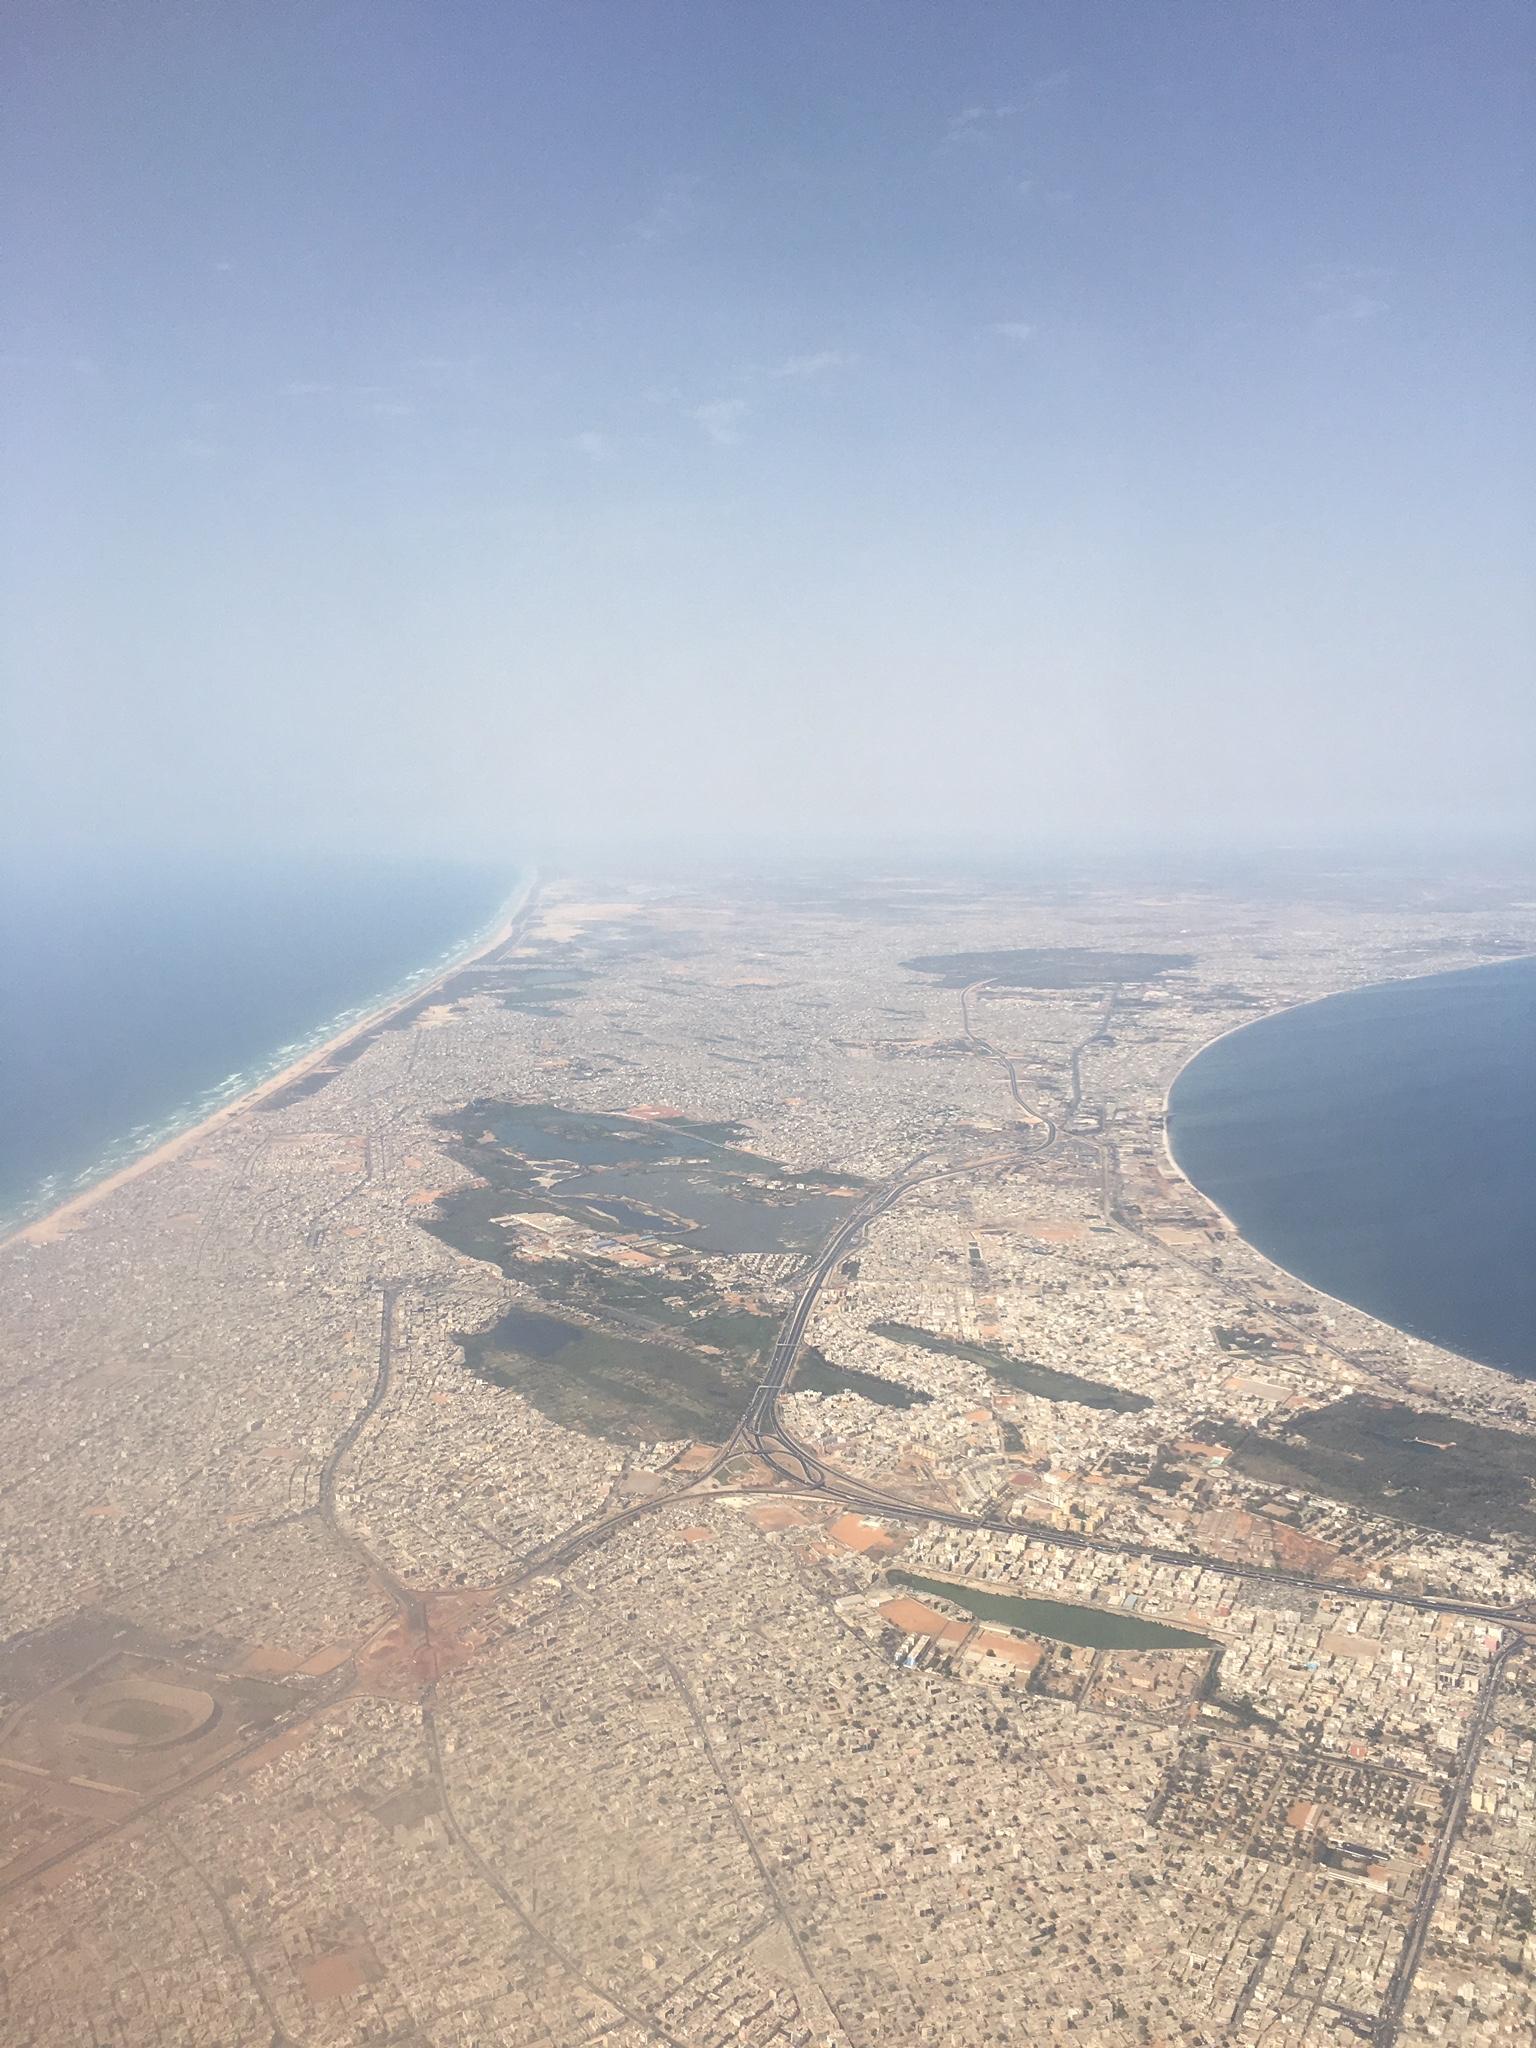 The Dakar peninsula.